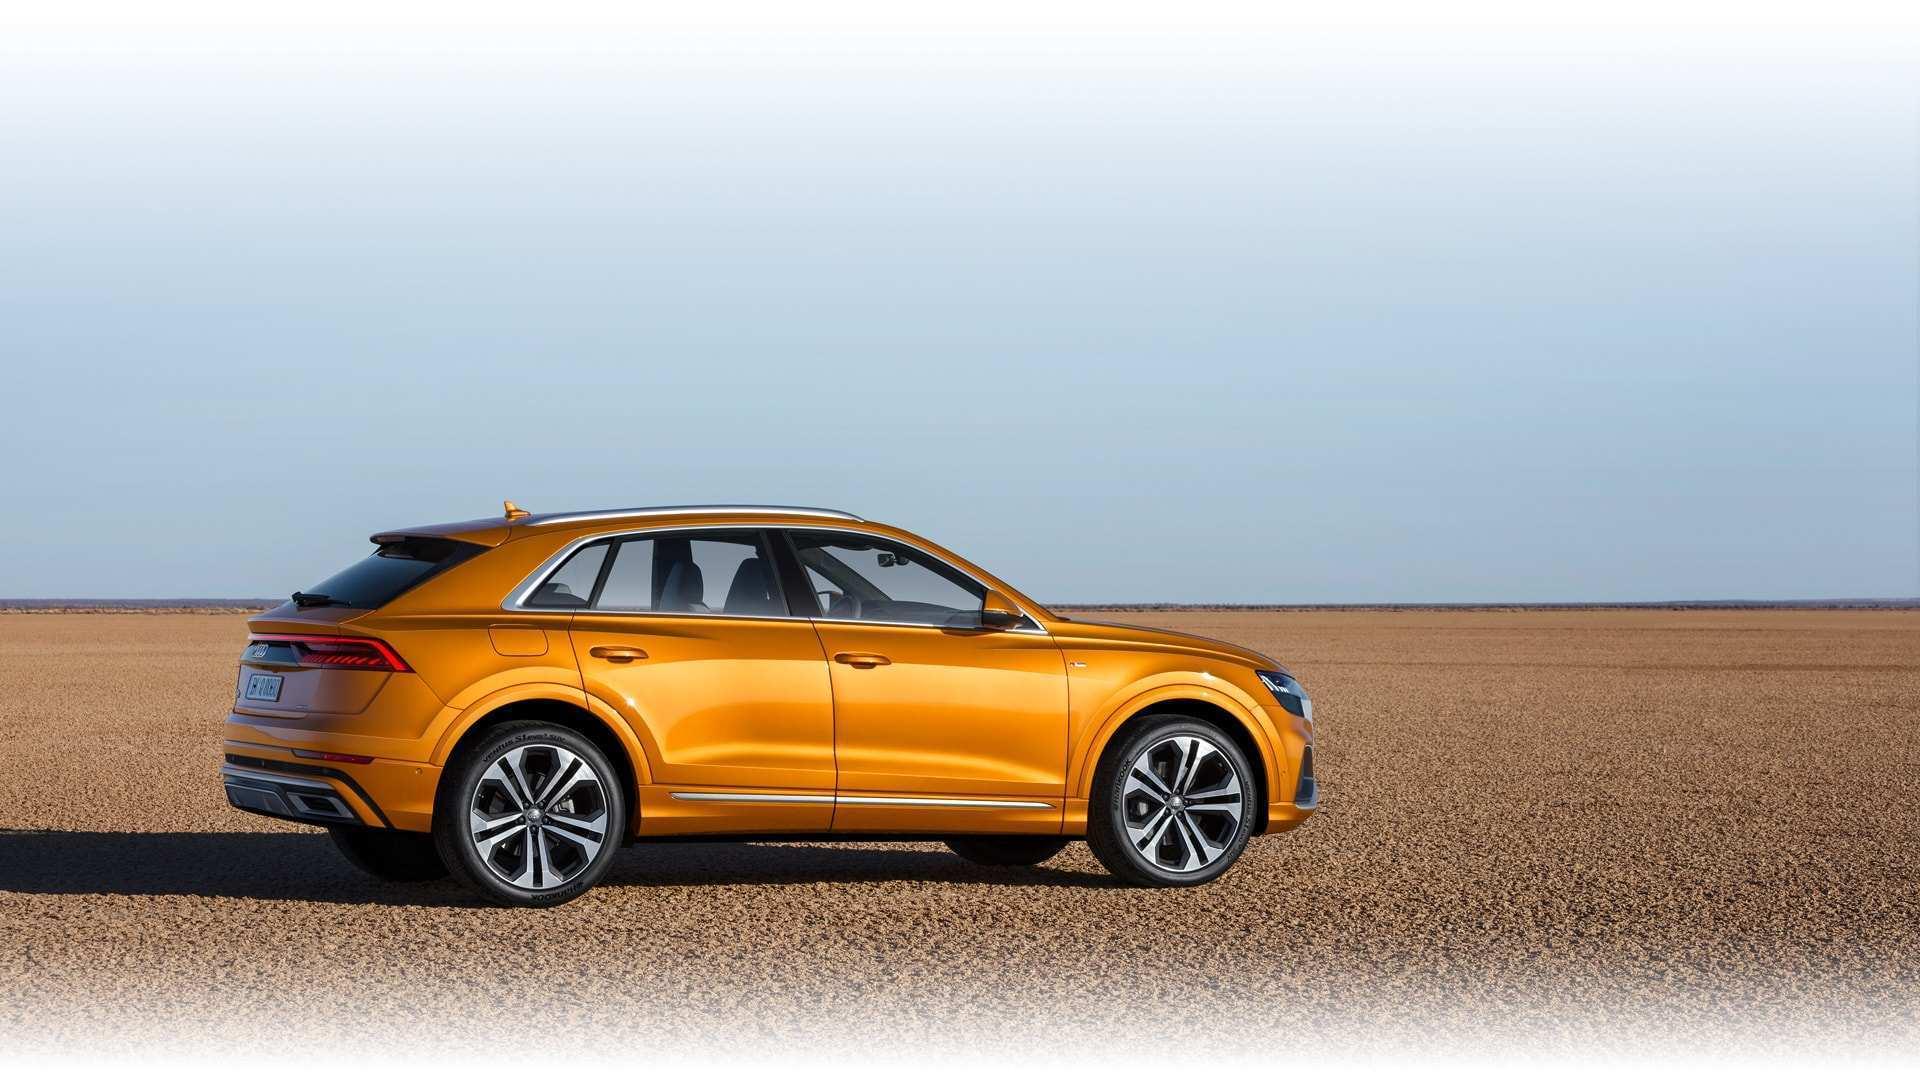 64 Great Audi 2019 Q8 Price Interior Prices for Audi 2019 Q8 Price Interior